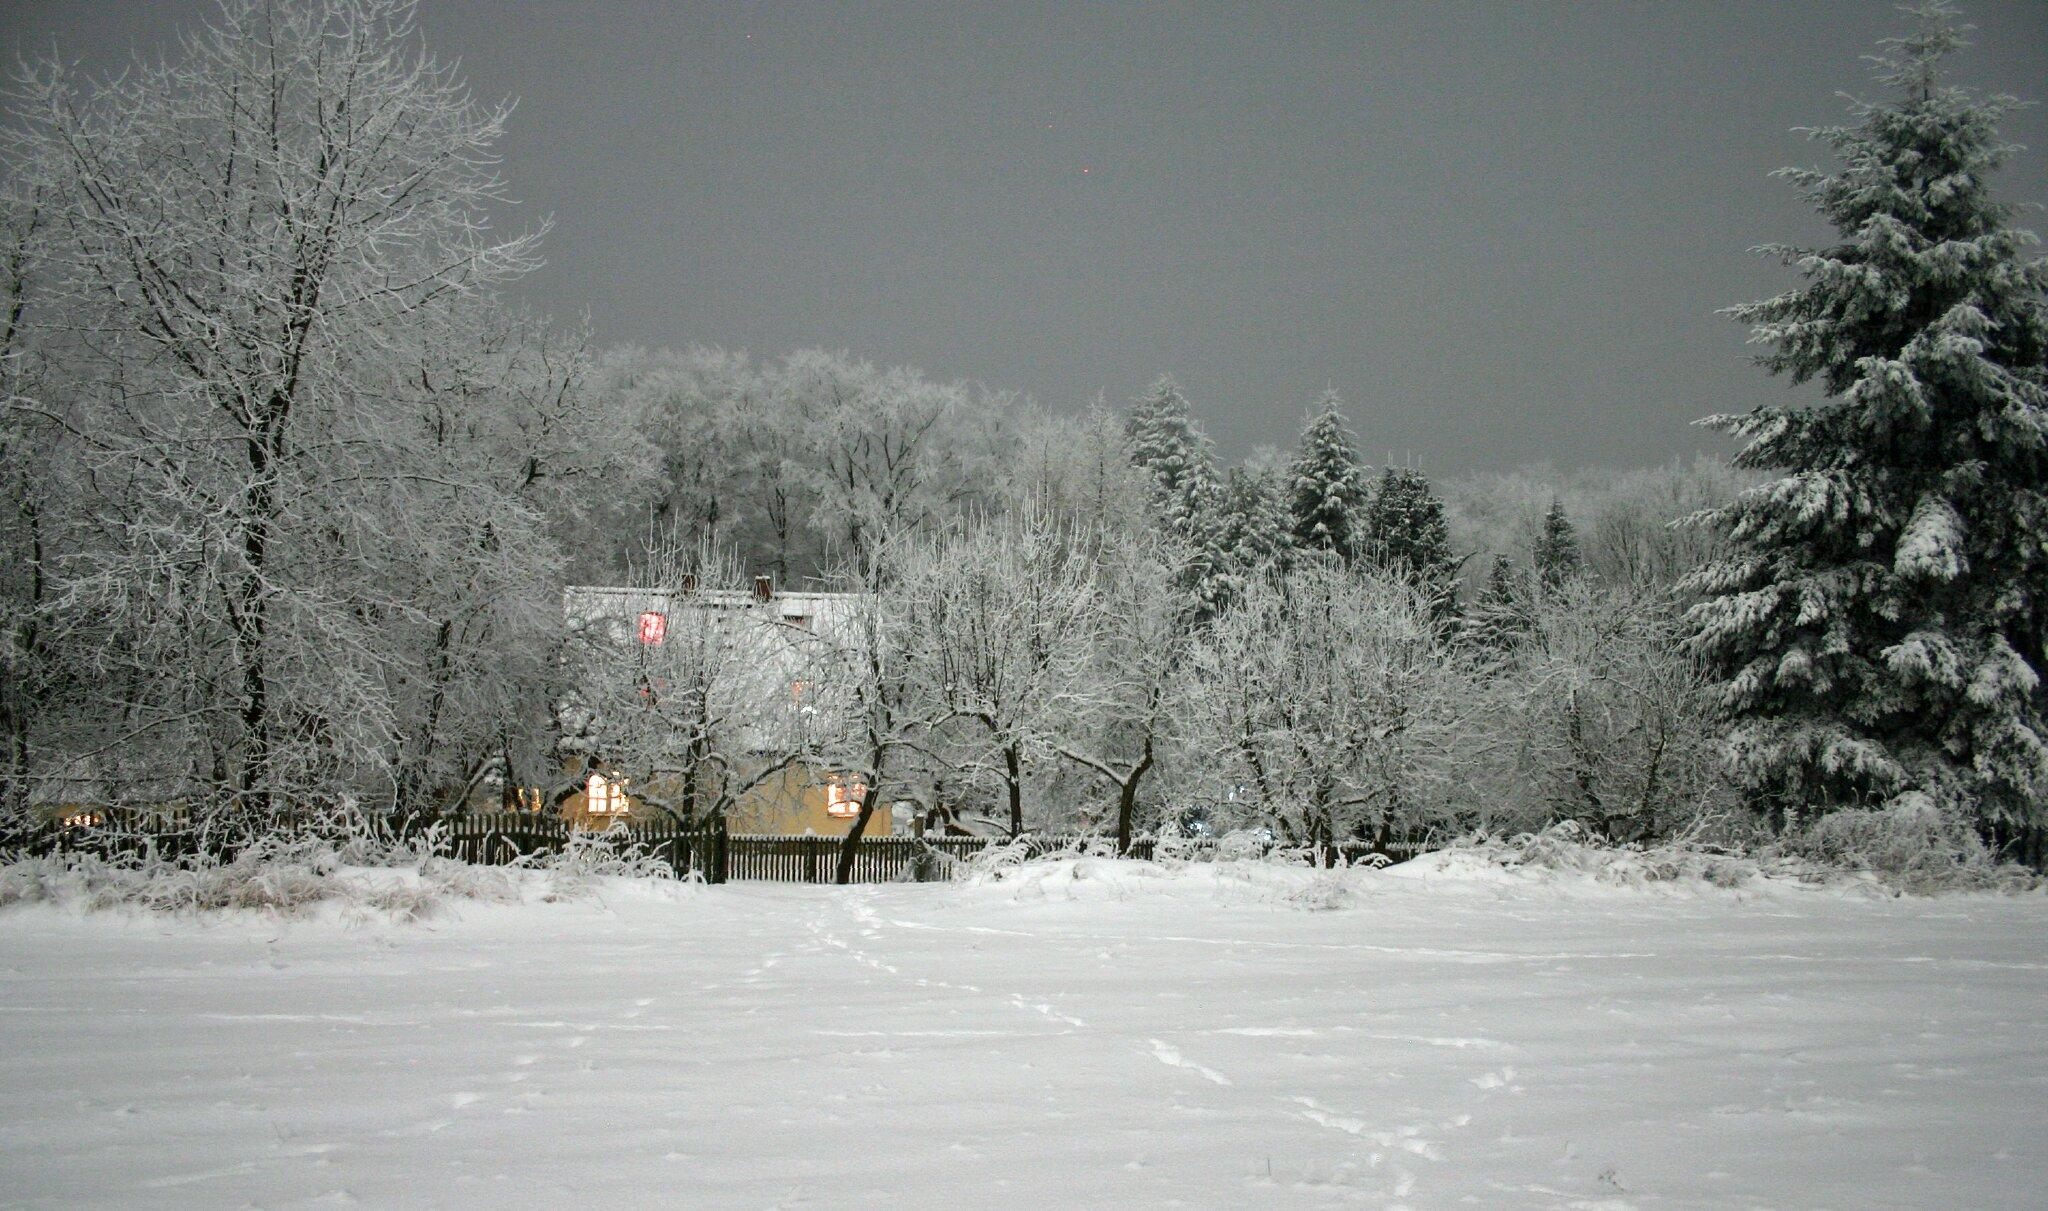 auch Winterdunkel kann schön sein